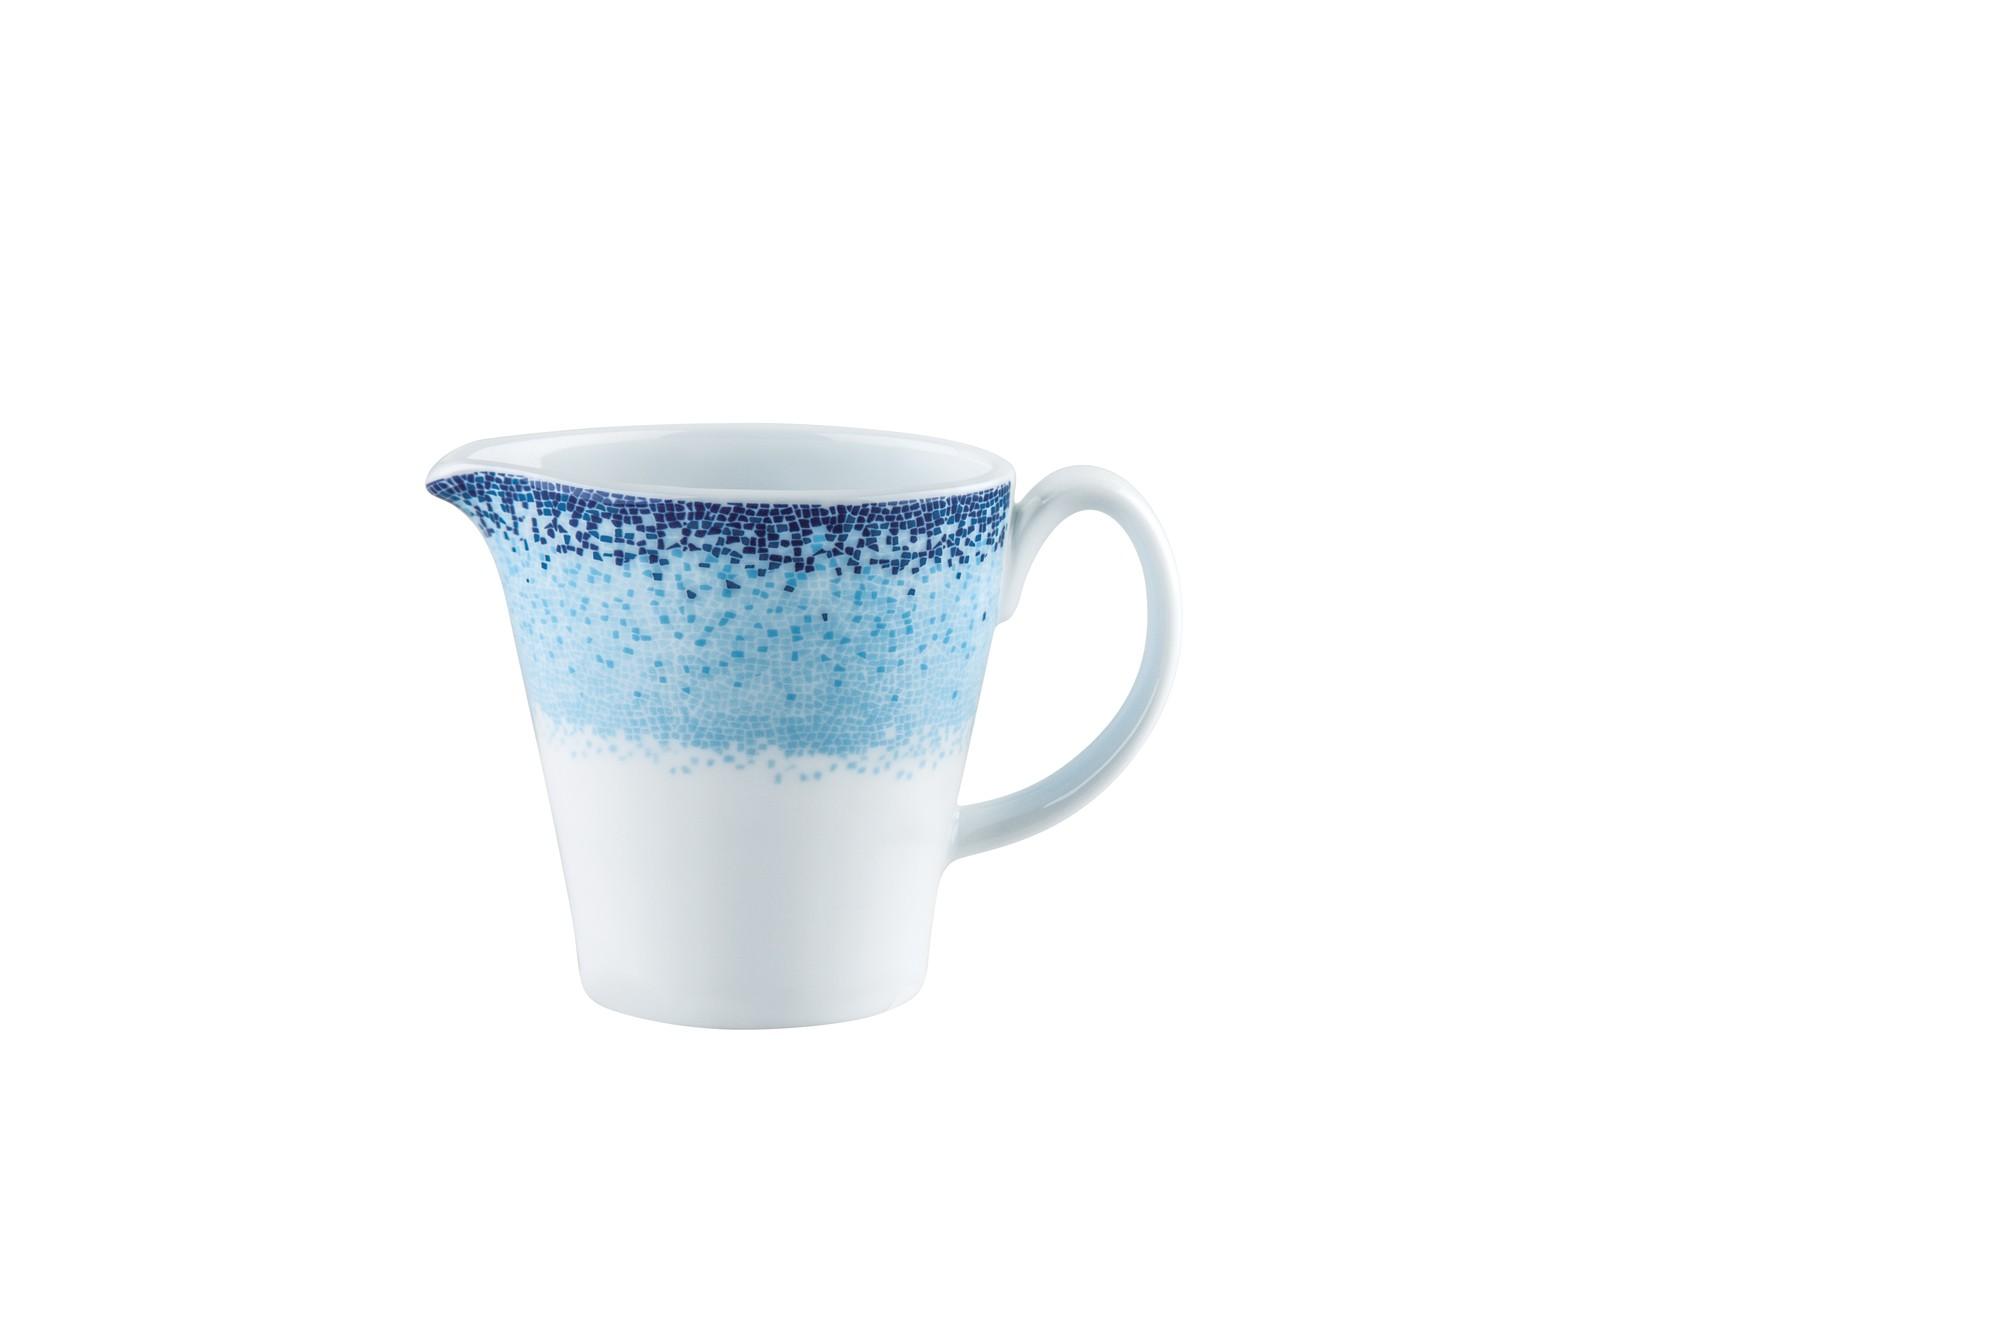 Γαλατιέρα Πορσελάνης Apeiron Blue Ionia home   ειδη cafe τσαϊ   γαλατιέρες   ζαχαριέρες